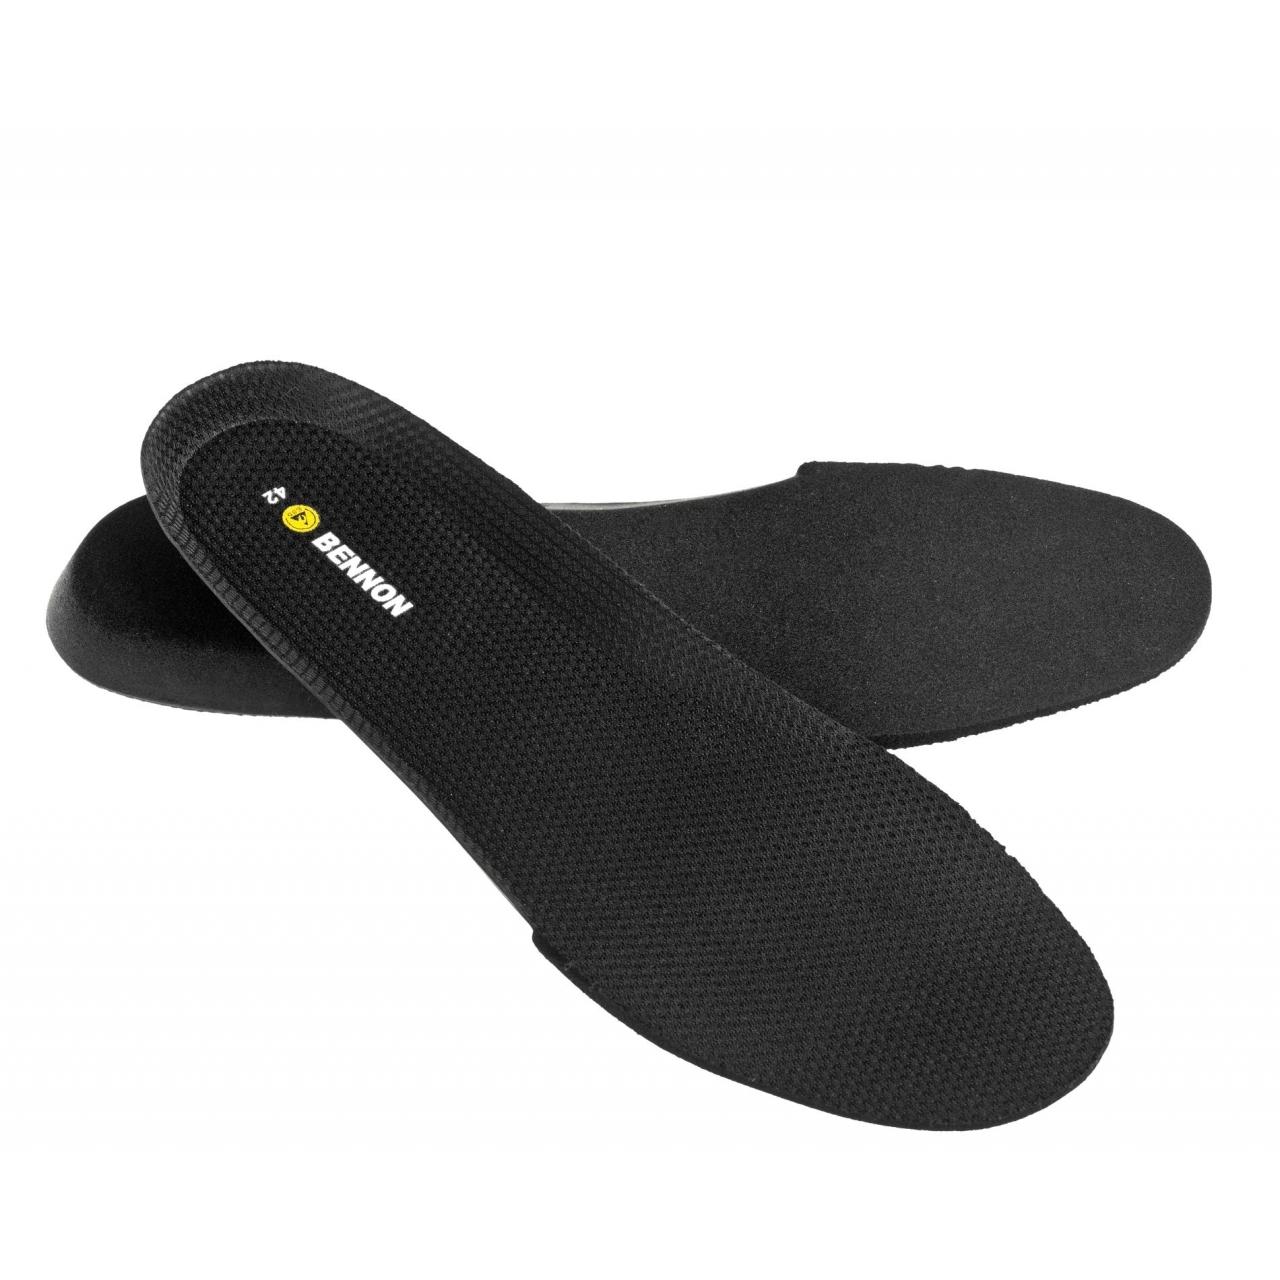 Stélky/vložky do bot Bennon Carbona ESD - černé